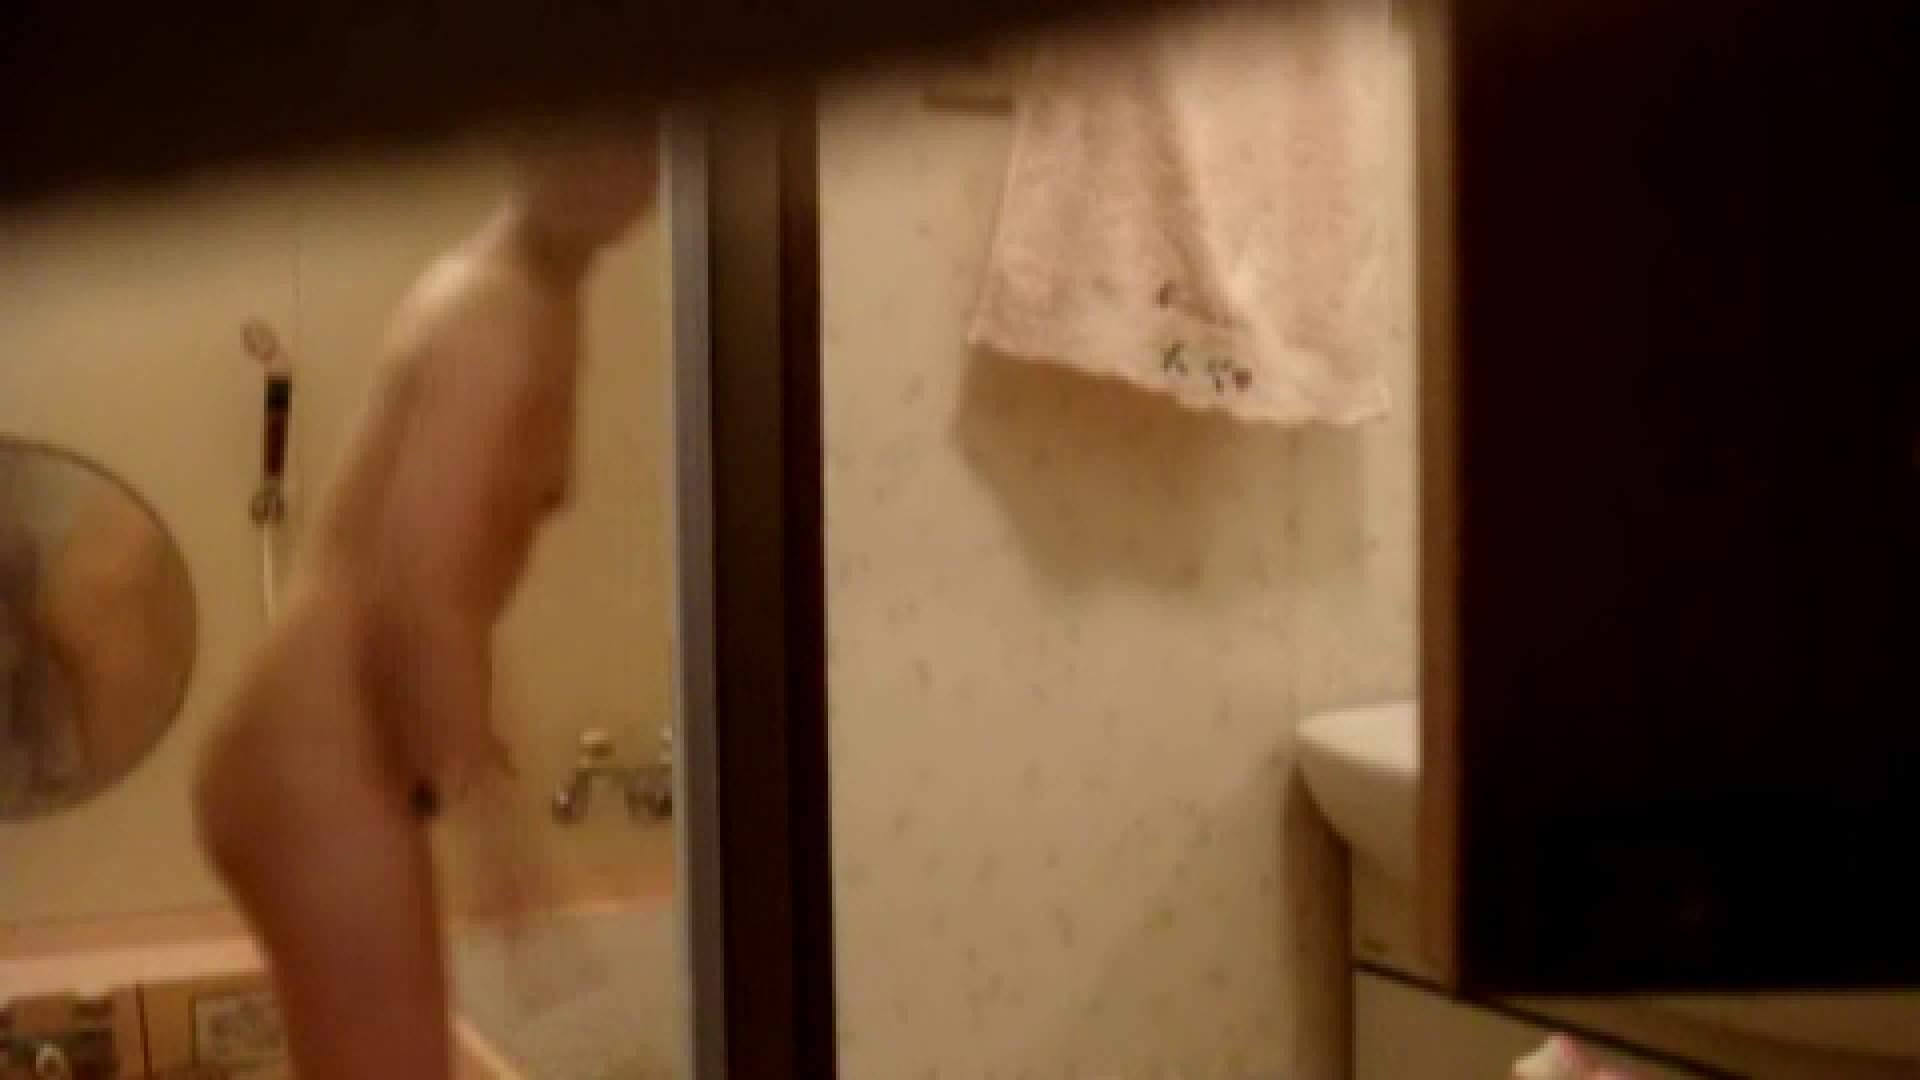 二人とも育てた甲斐がありました… vol.08 まどかの入浴中にカメラに気付いたか!? OLのエロ生活   ギャル入浴  71連発 15